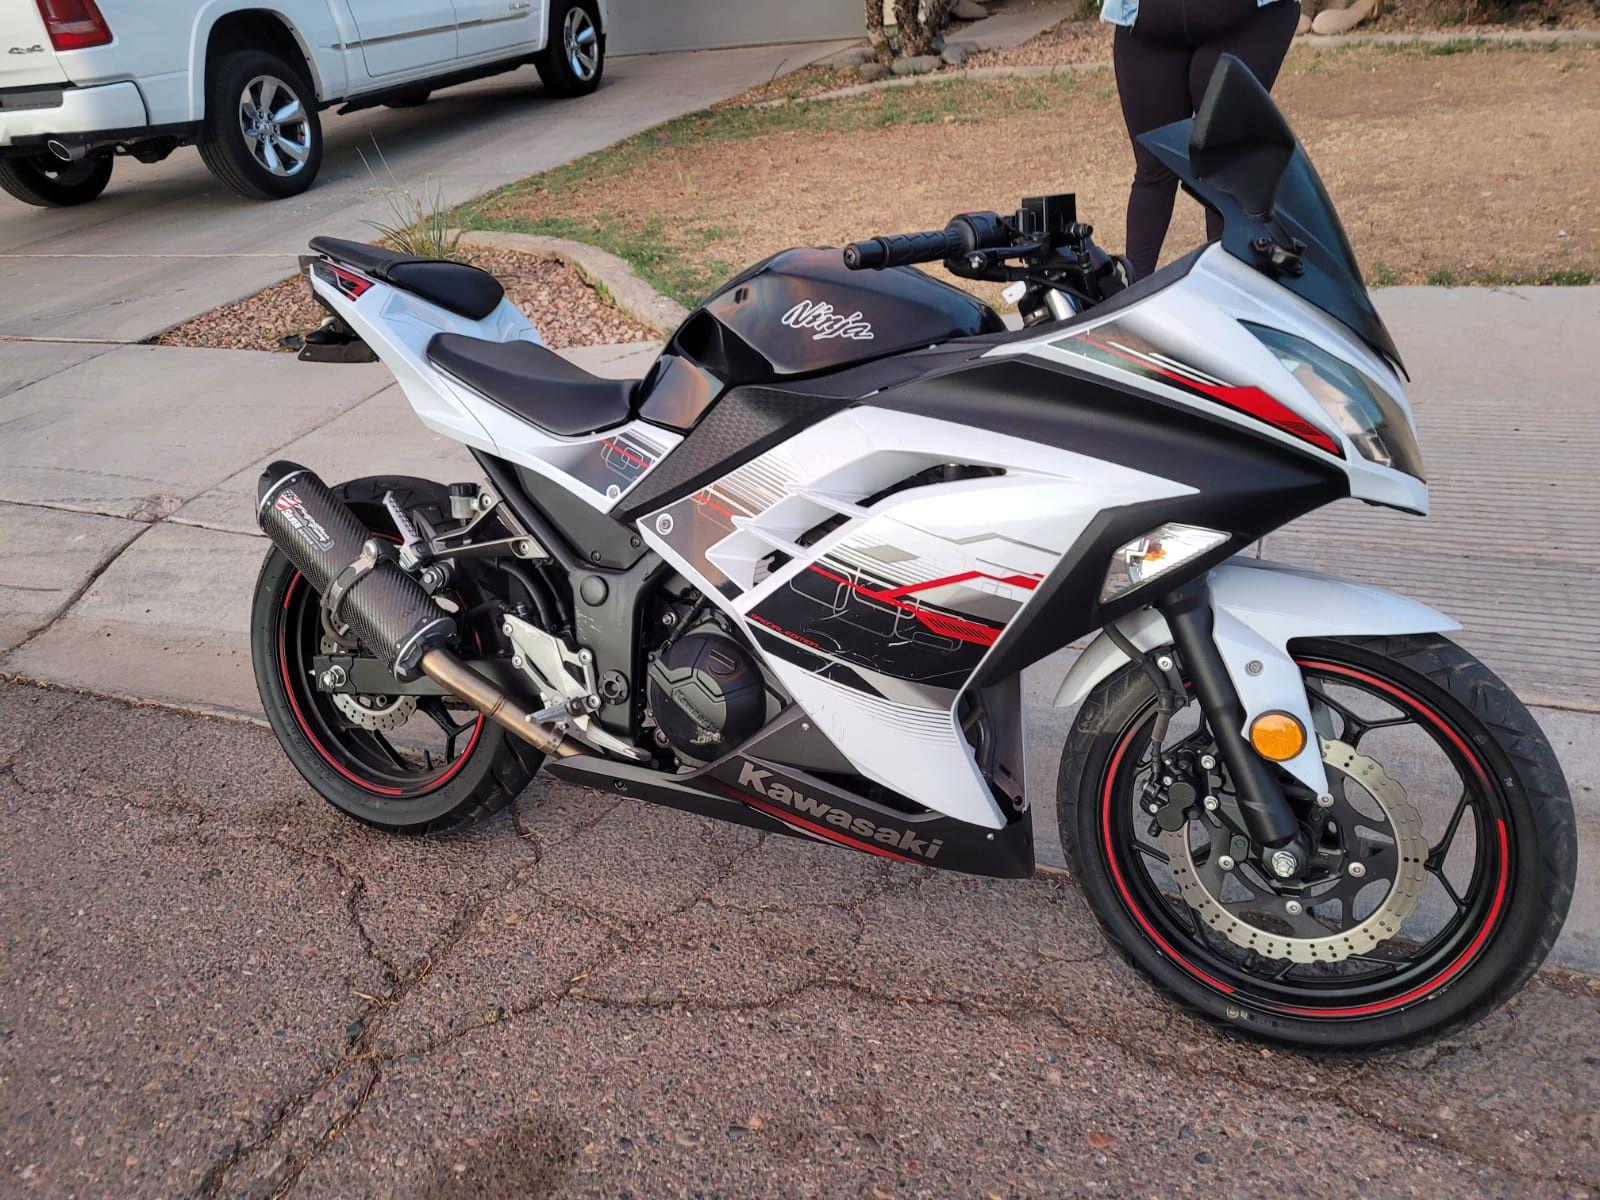 300cc Kawasaki  20014